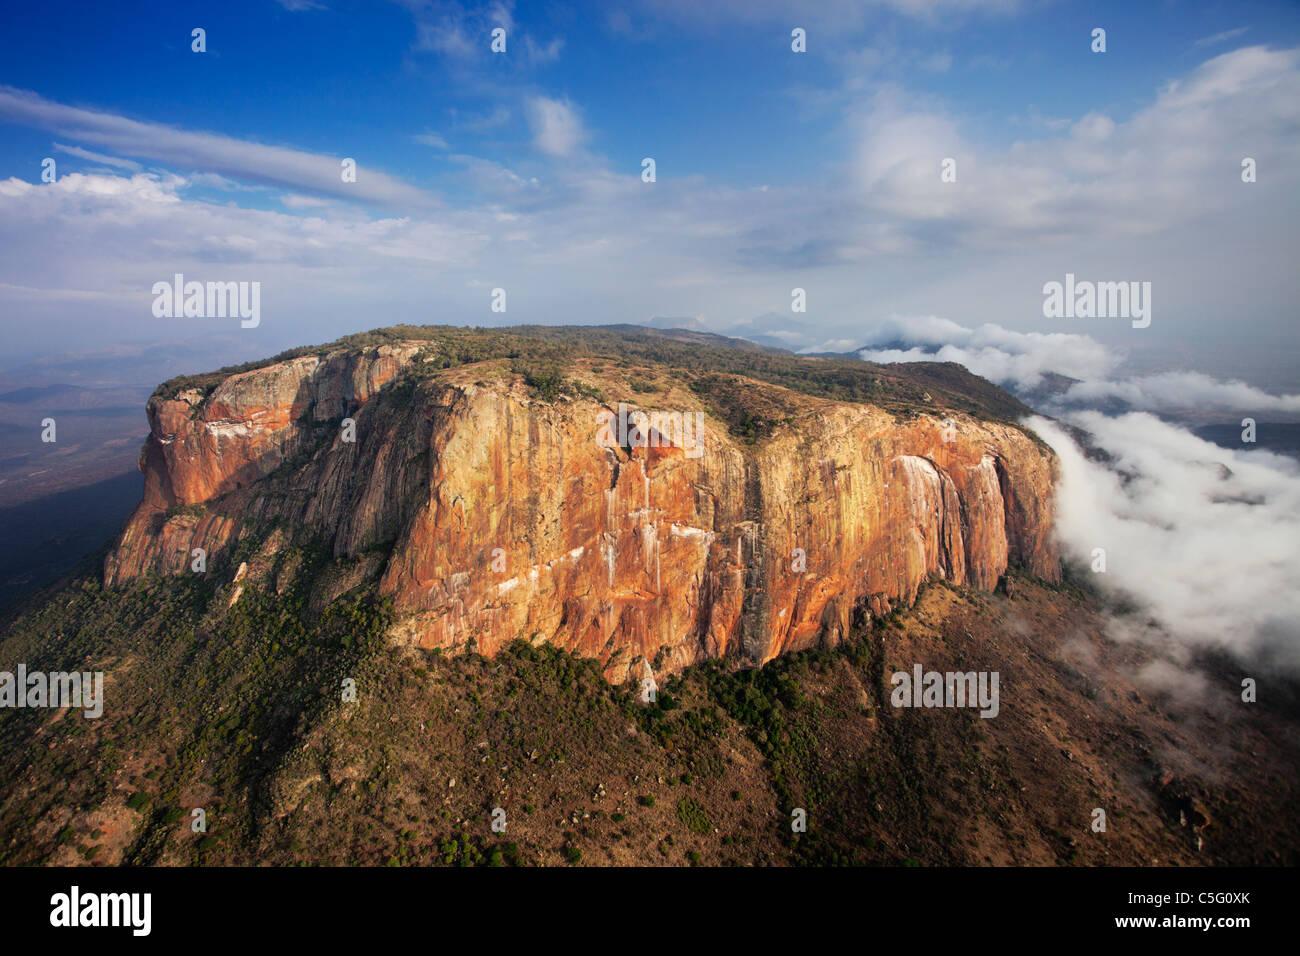 Ololokwe Mountain es un hito notable en el norte de Kenya. Imagen De Stock